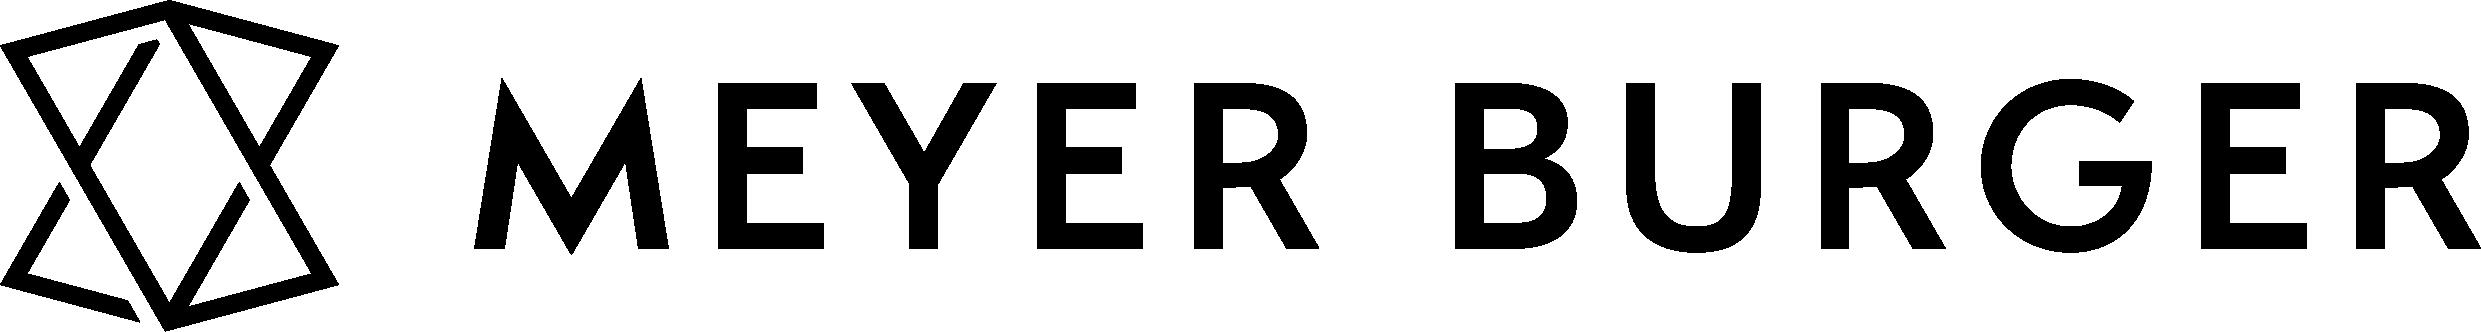 MeyerBurger